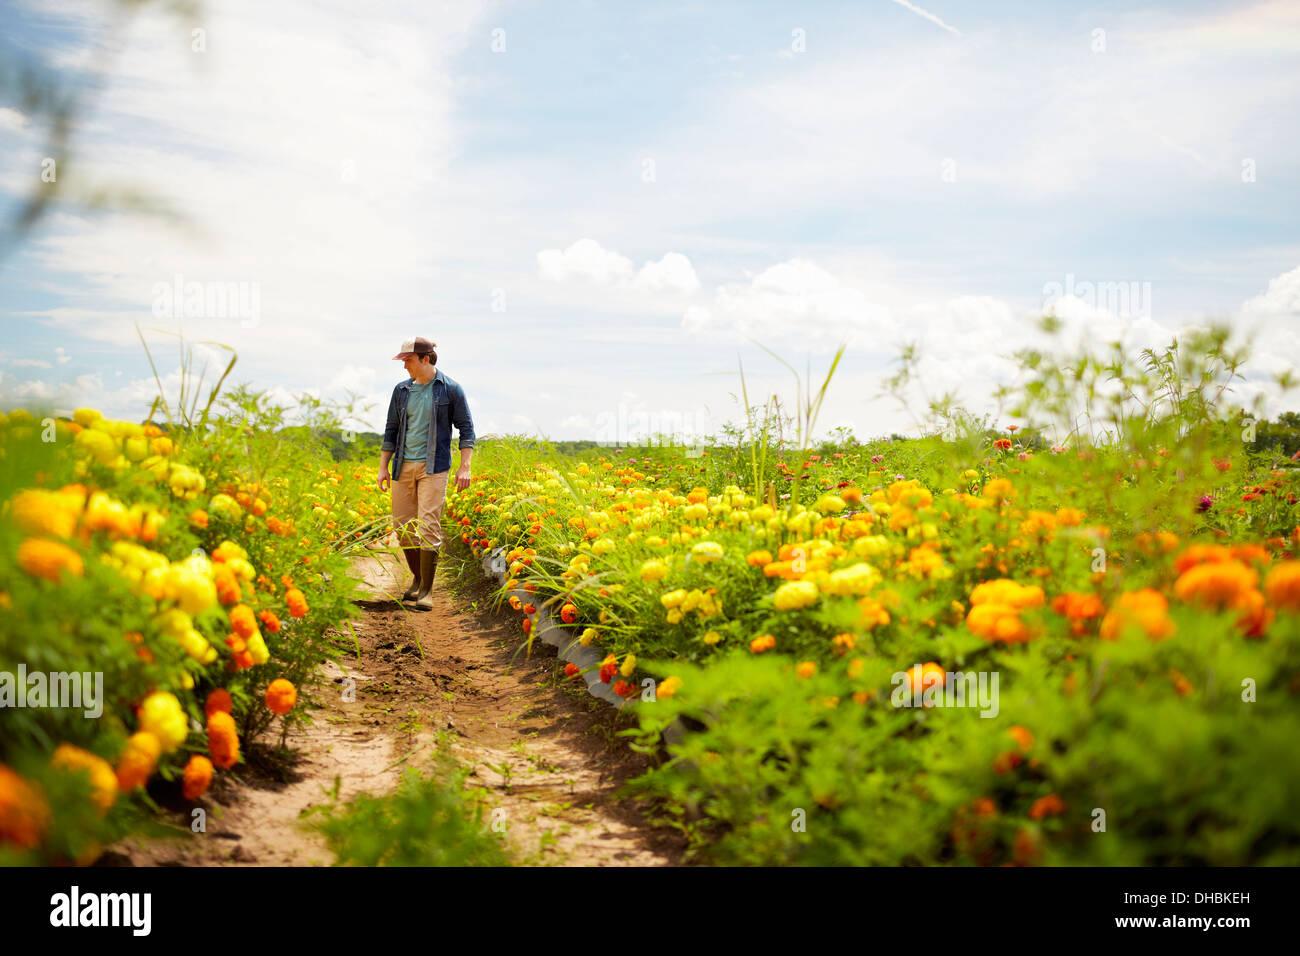 Un agricultor trabajando en sus campos en el Estado de Nueva York. Amarillo y naranja de cultivo de flores cultivadas orgánicamente. Imagen De Stock